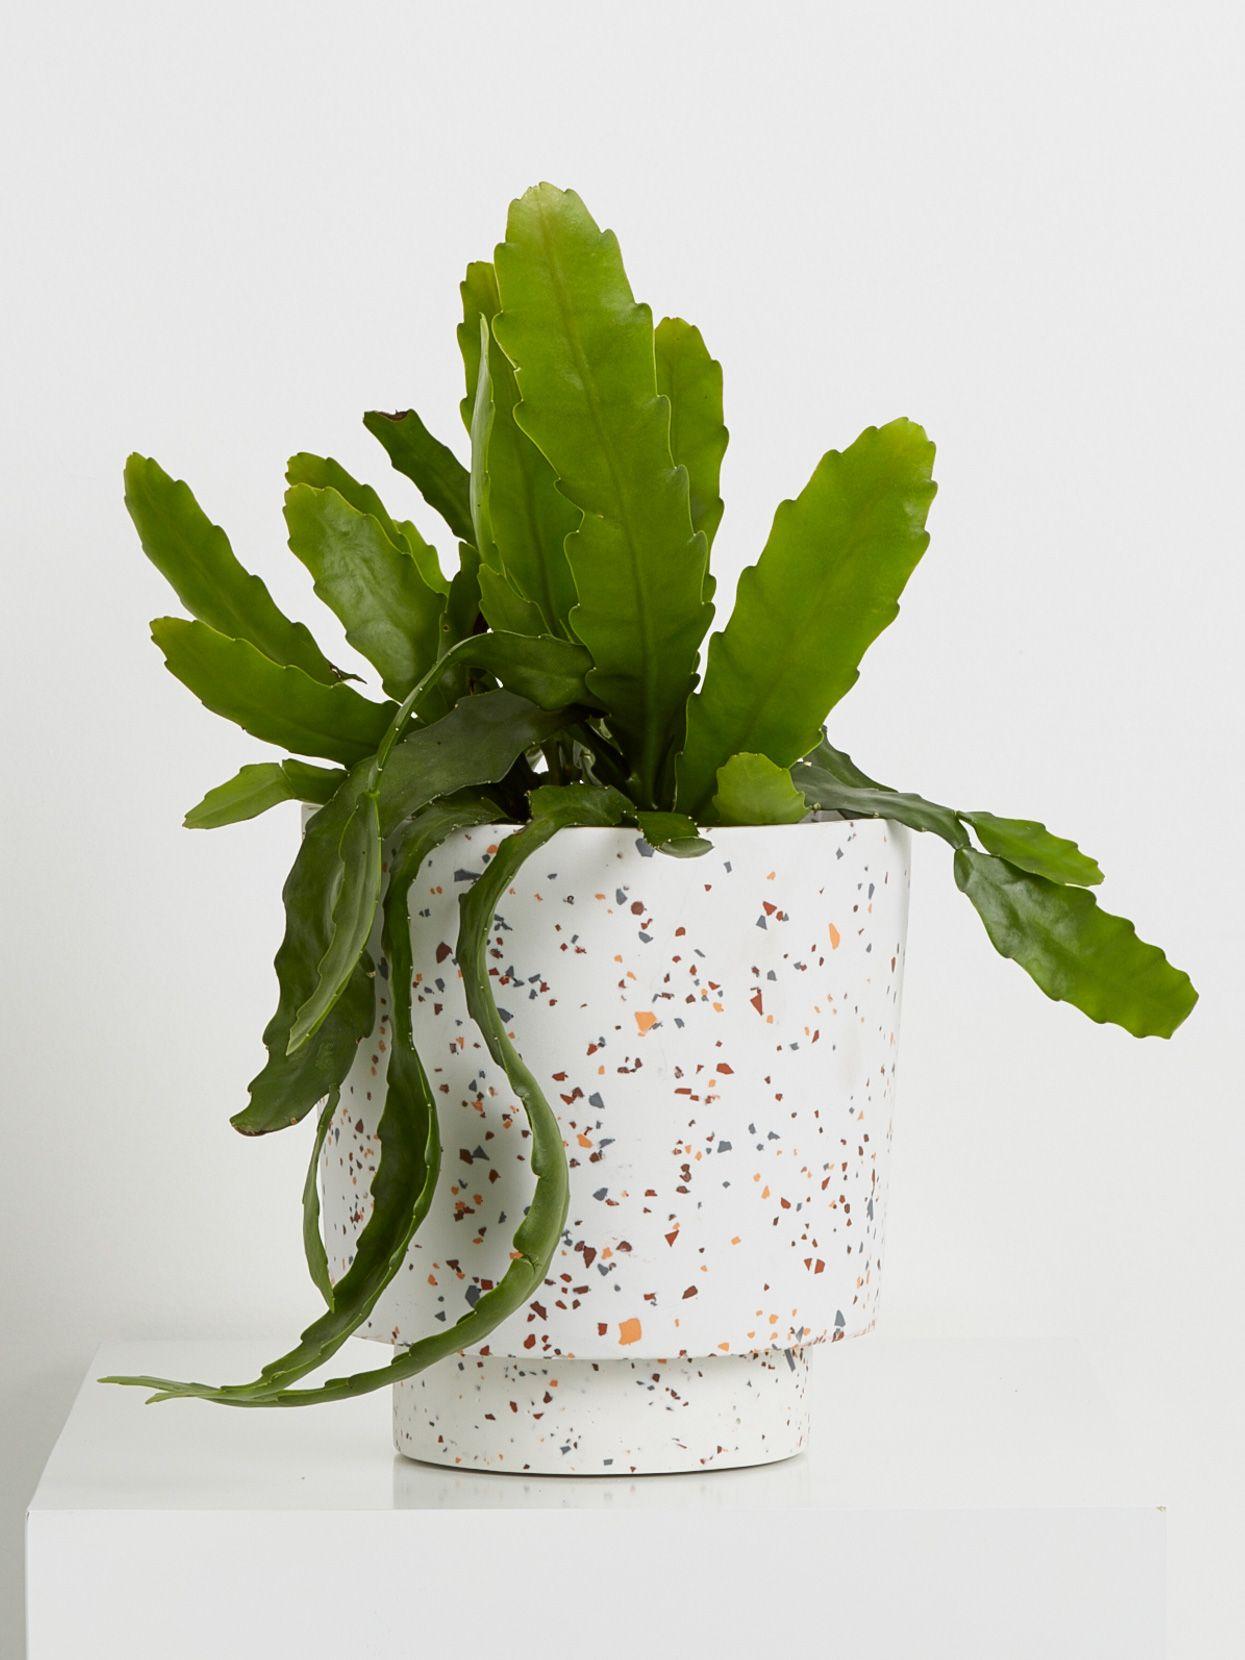 Terrazzo pot with plant